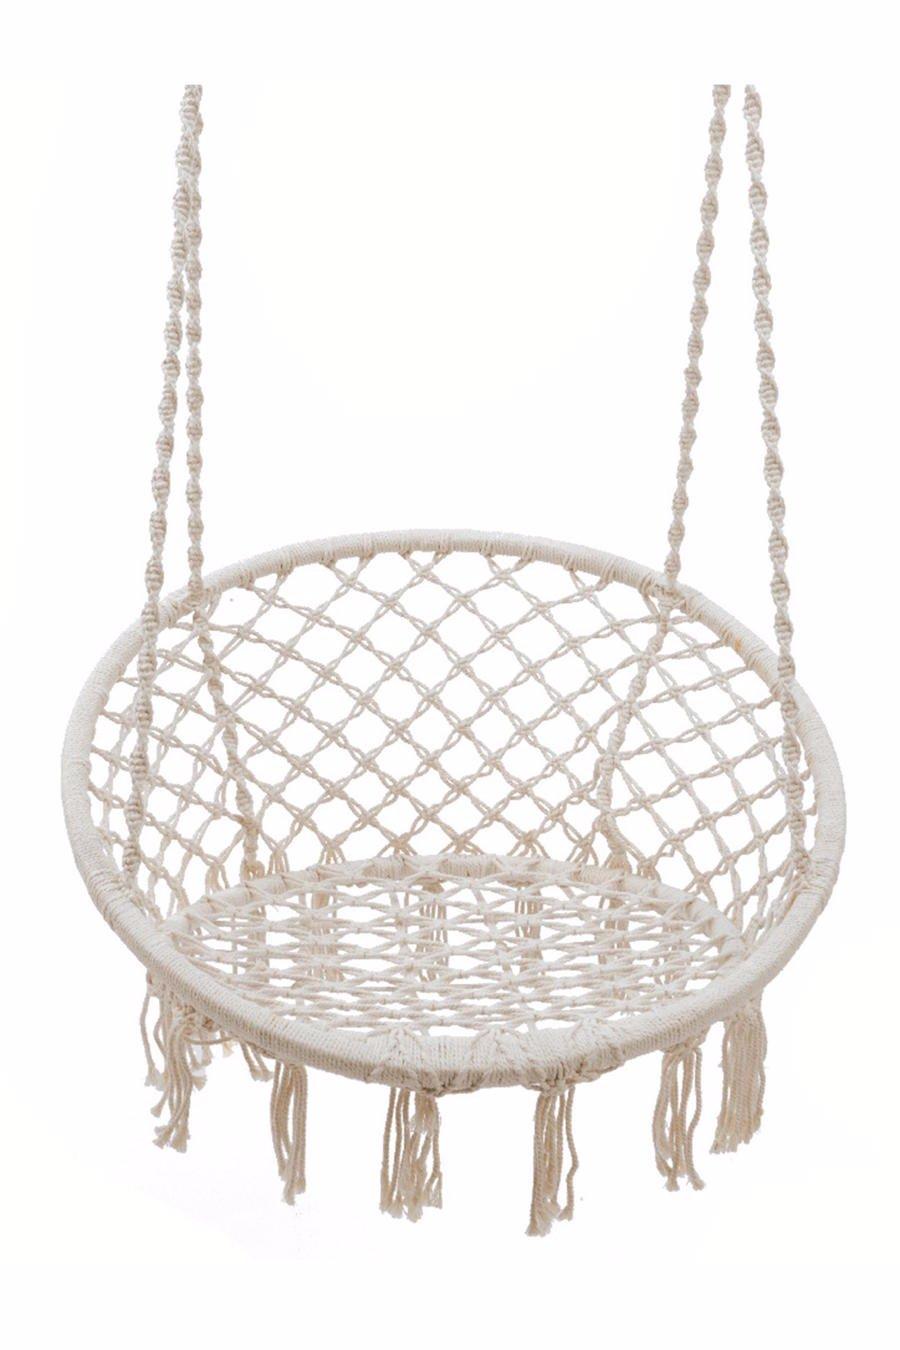 Hangstoel Ophangen Aan Plafond.Hangstoel Aan Het Plafond Ophangen 3 Ikea Lampen Ophangen Werkspot